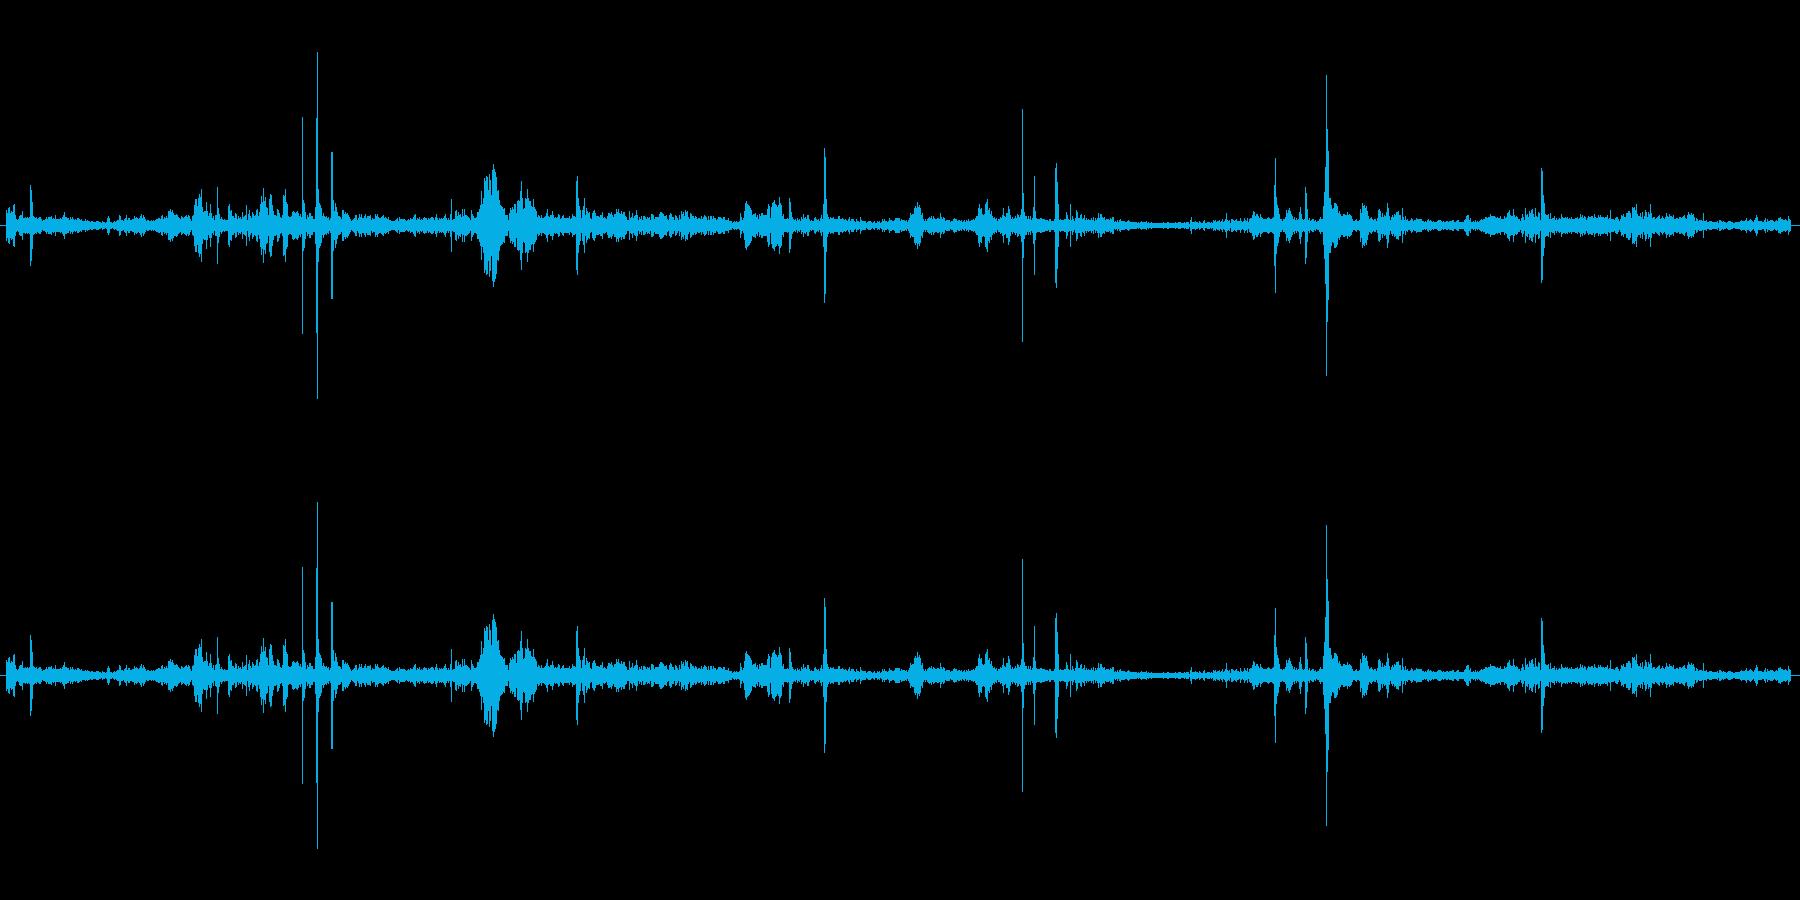 【生音】ザクザク・・という雪道を歩く音の再生済みの波形